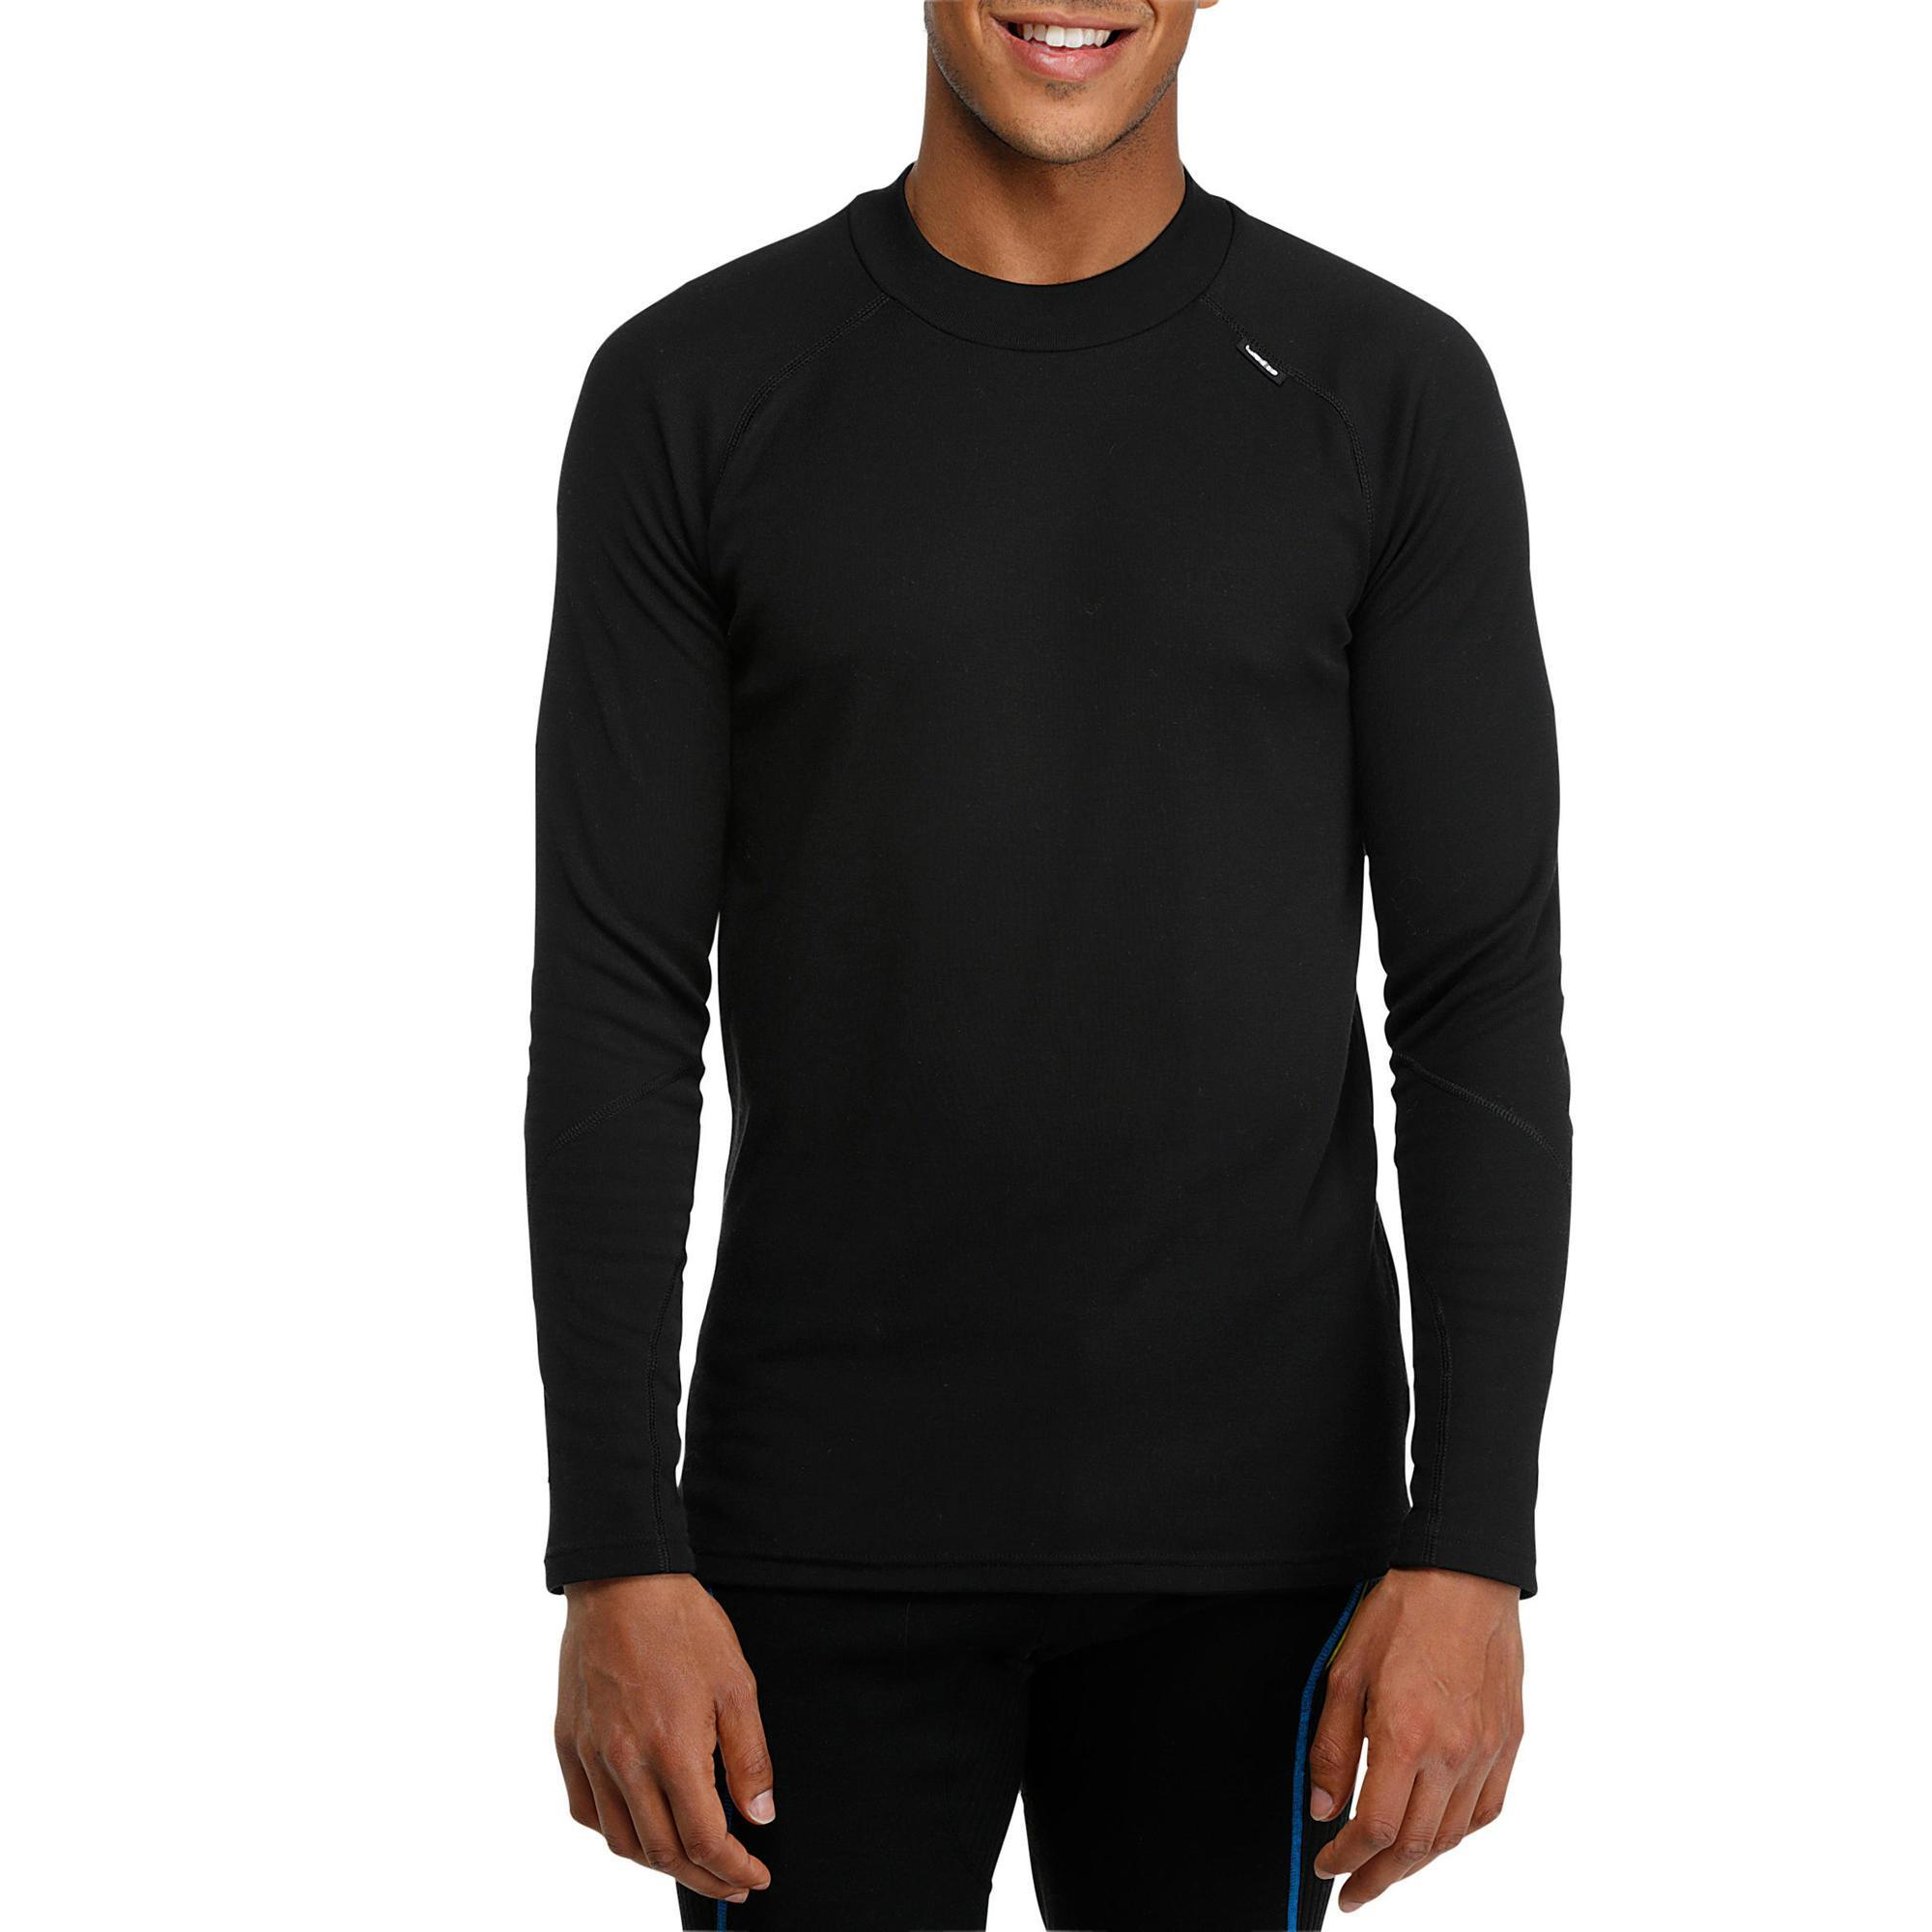 28c3675d25abc hombre interior Camiseta de esquí 100 negra wA18tYq